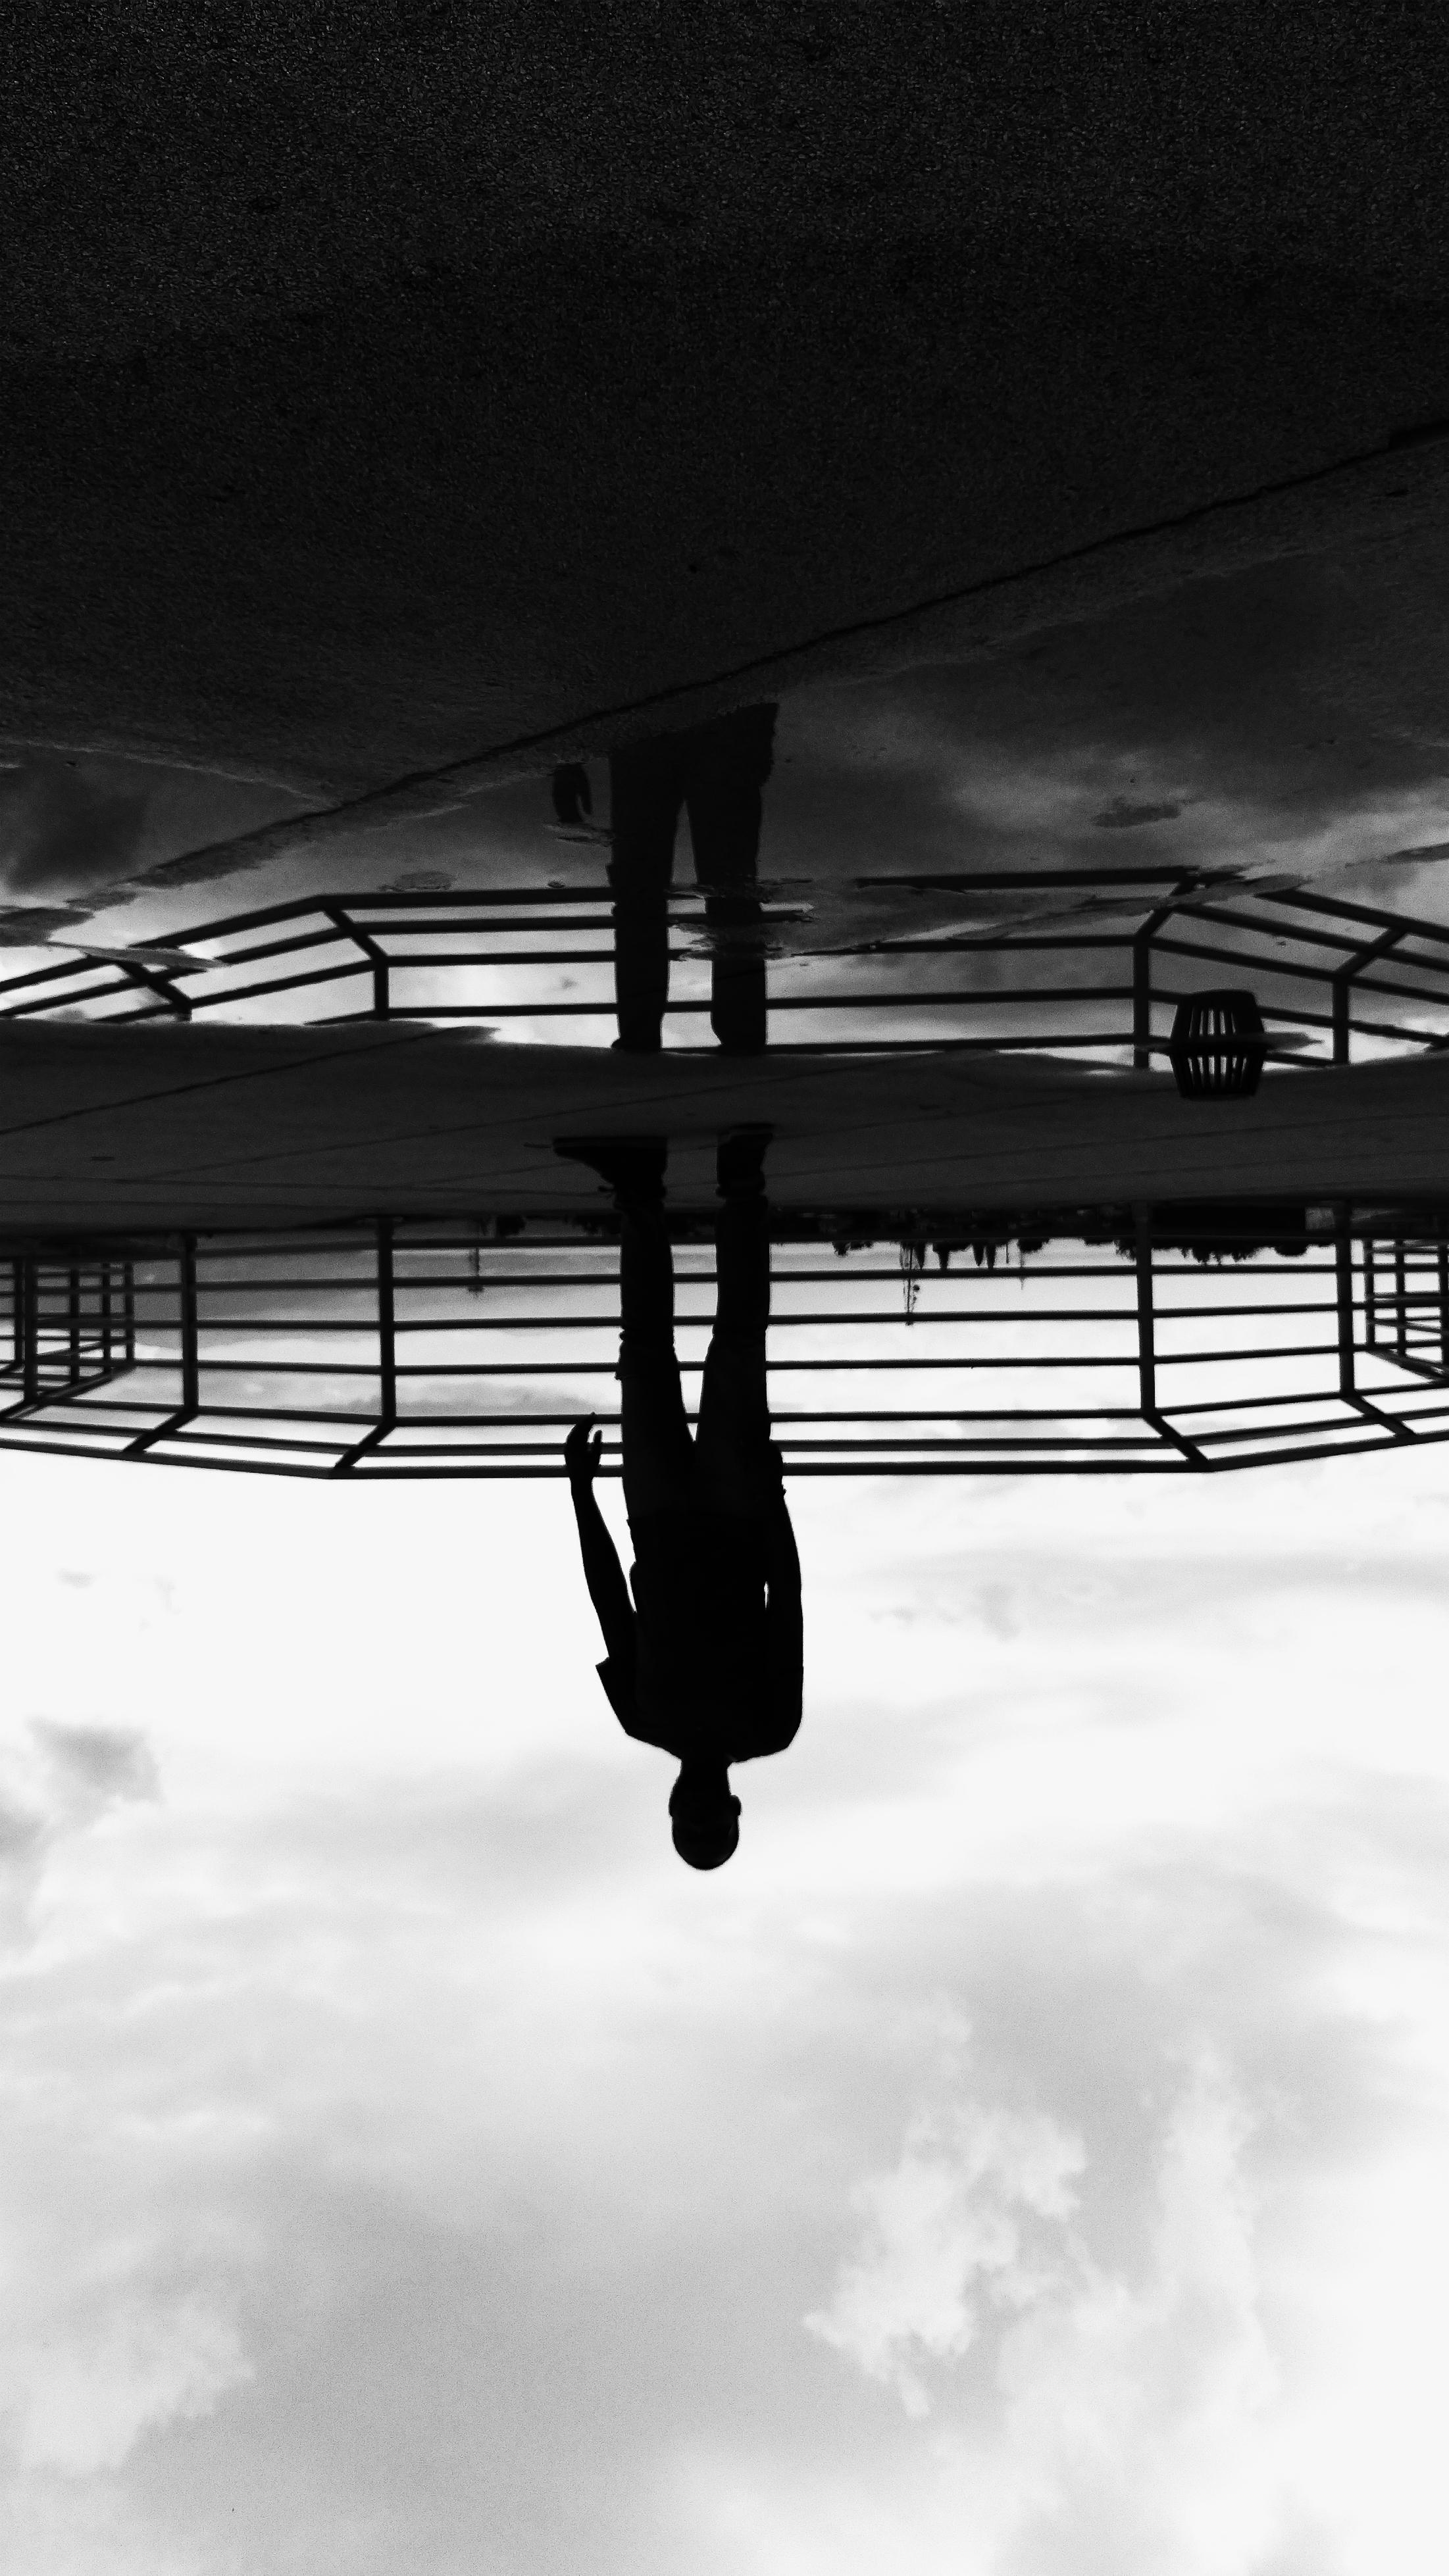 Taken by Alain D. Lescouflair